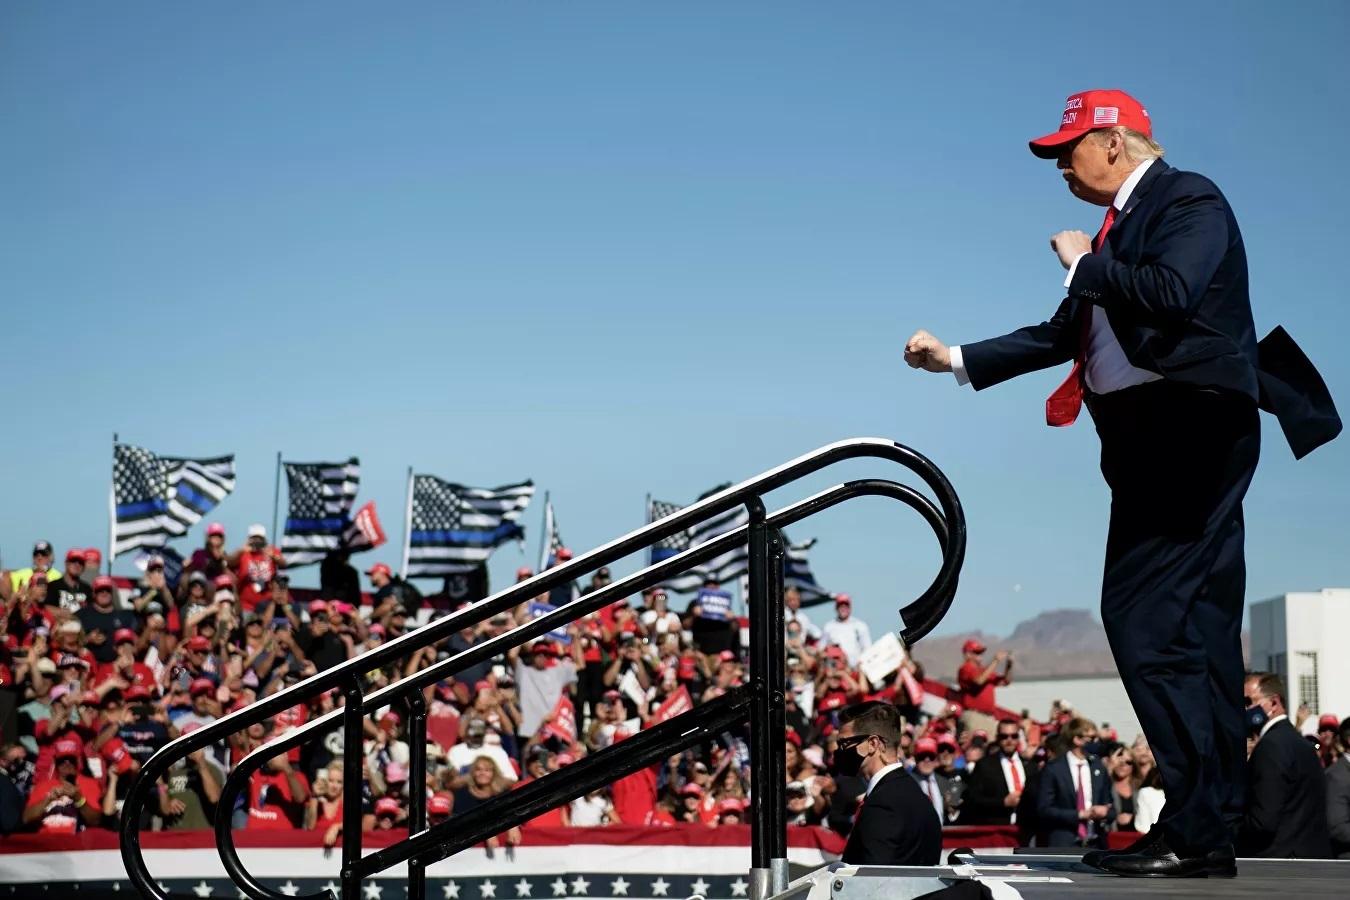 Tổng thống Mỹ Donald Trump trong một cuộc vận động tranh cử ở Arizona.